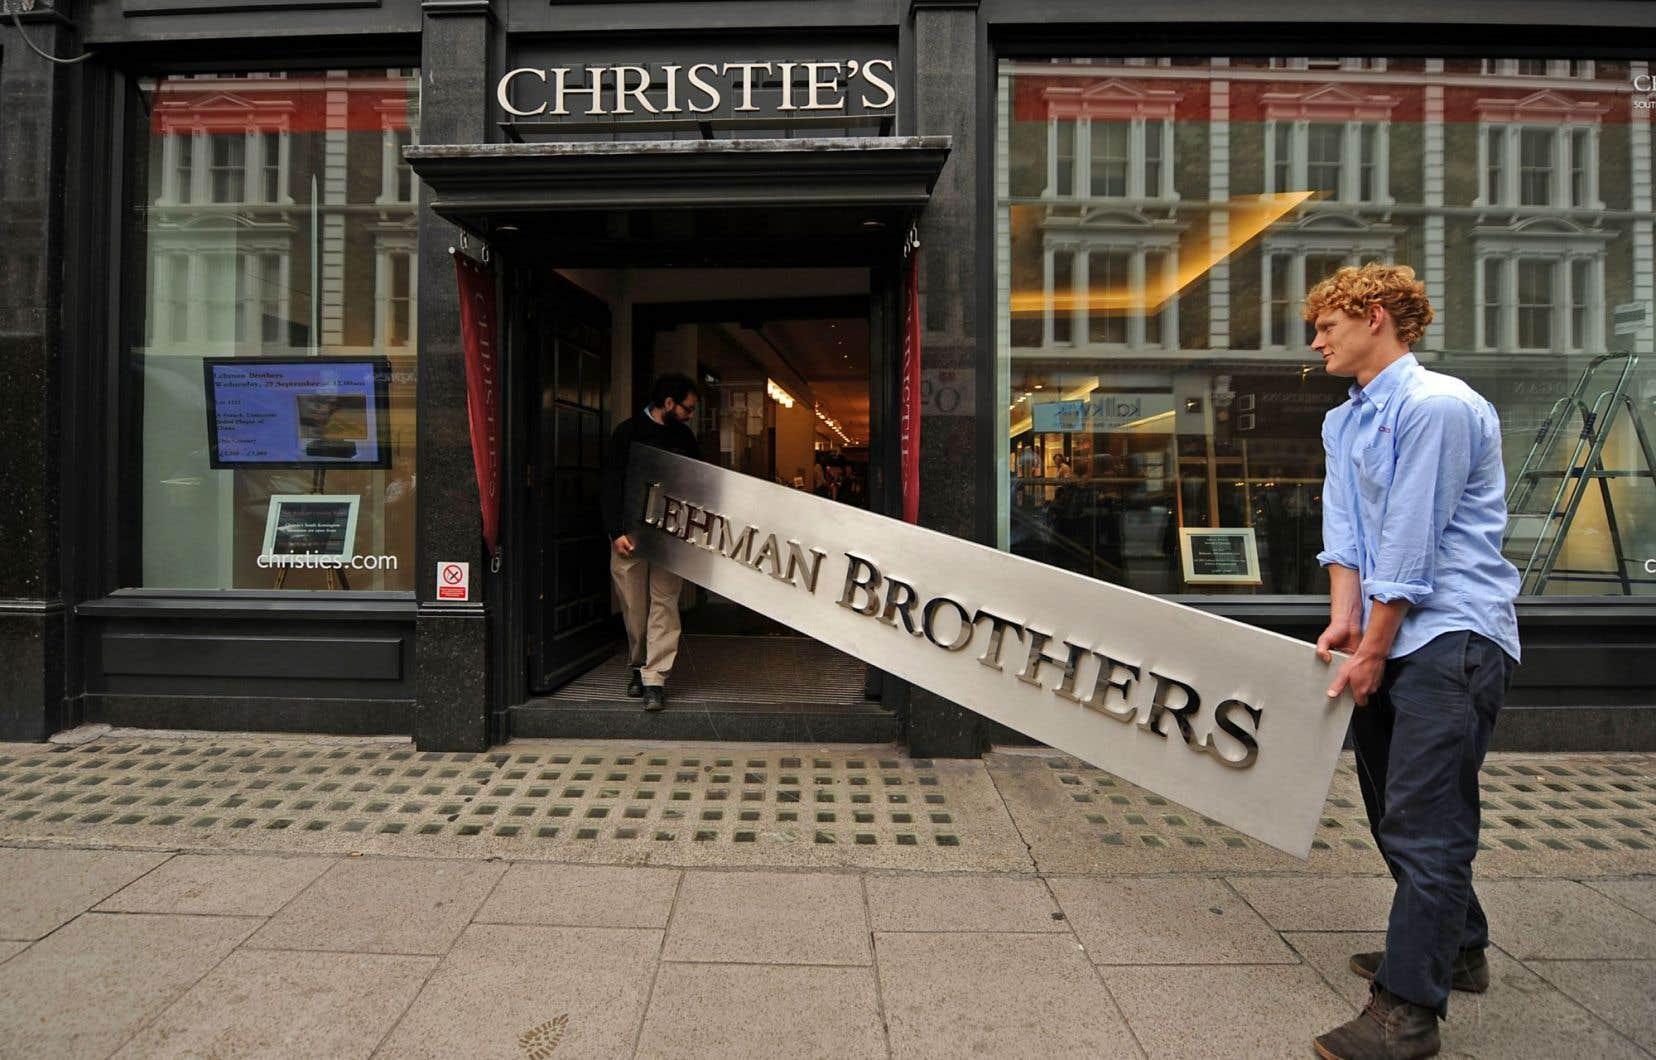 Les gouvernements mettent en place de nouvelles règles pour tenter d'éviter la répétition de la crise financière de 2008. Mais si, malgré cela, une nouvelle crise éclatait, les mesures adoptées ne seraient d'aucune utilité, explique la politologue Cornelia Woll.